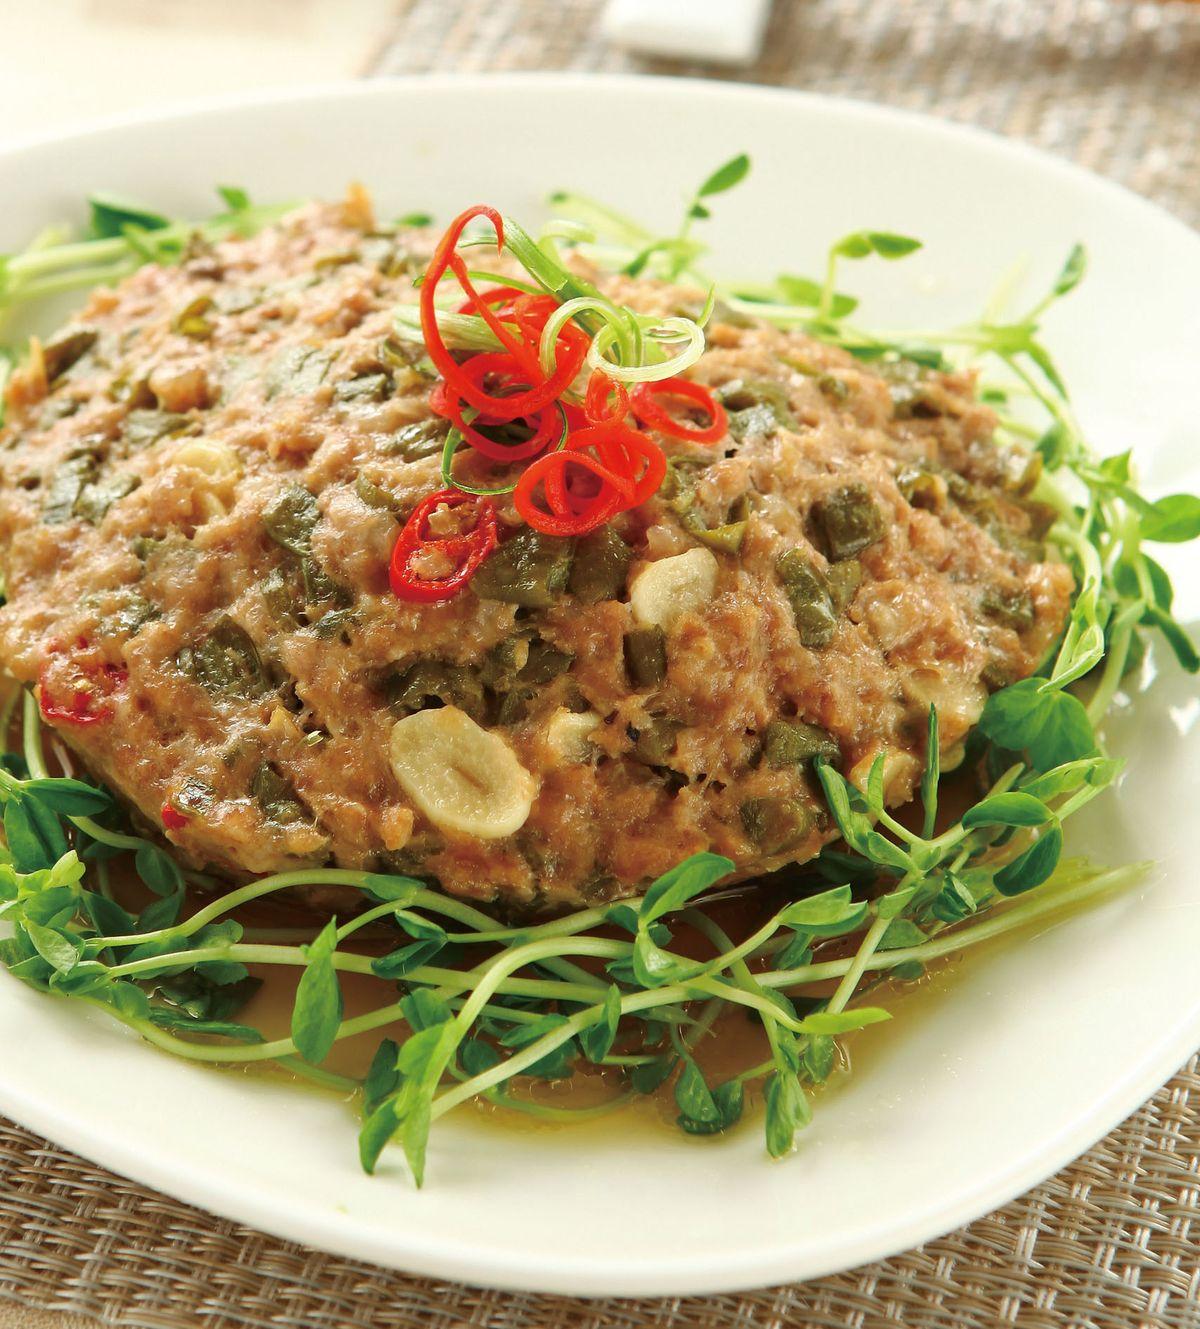 食譜:酸豇豆蒸肉